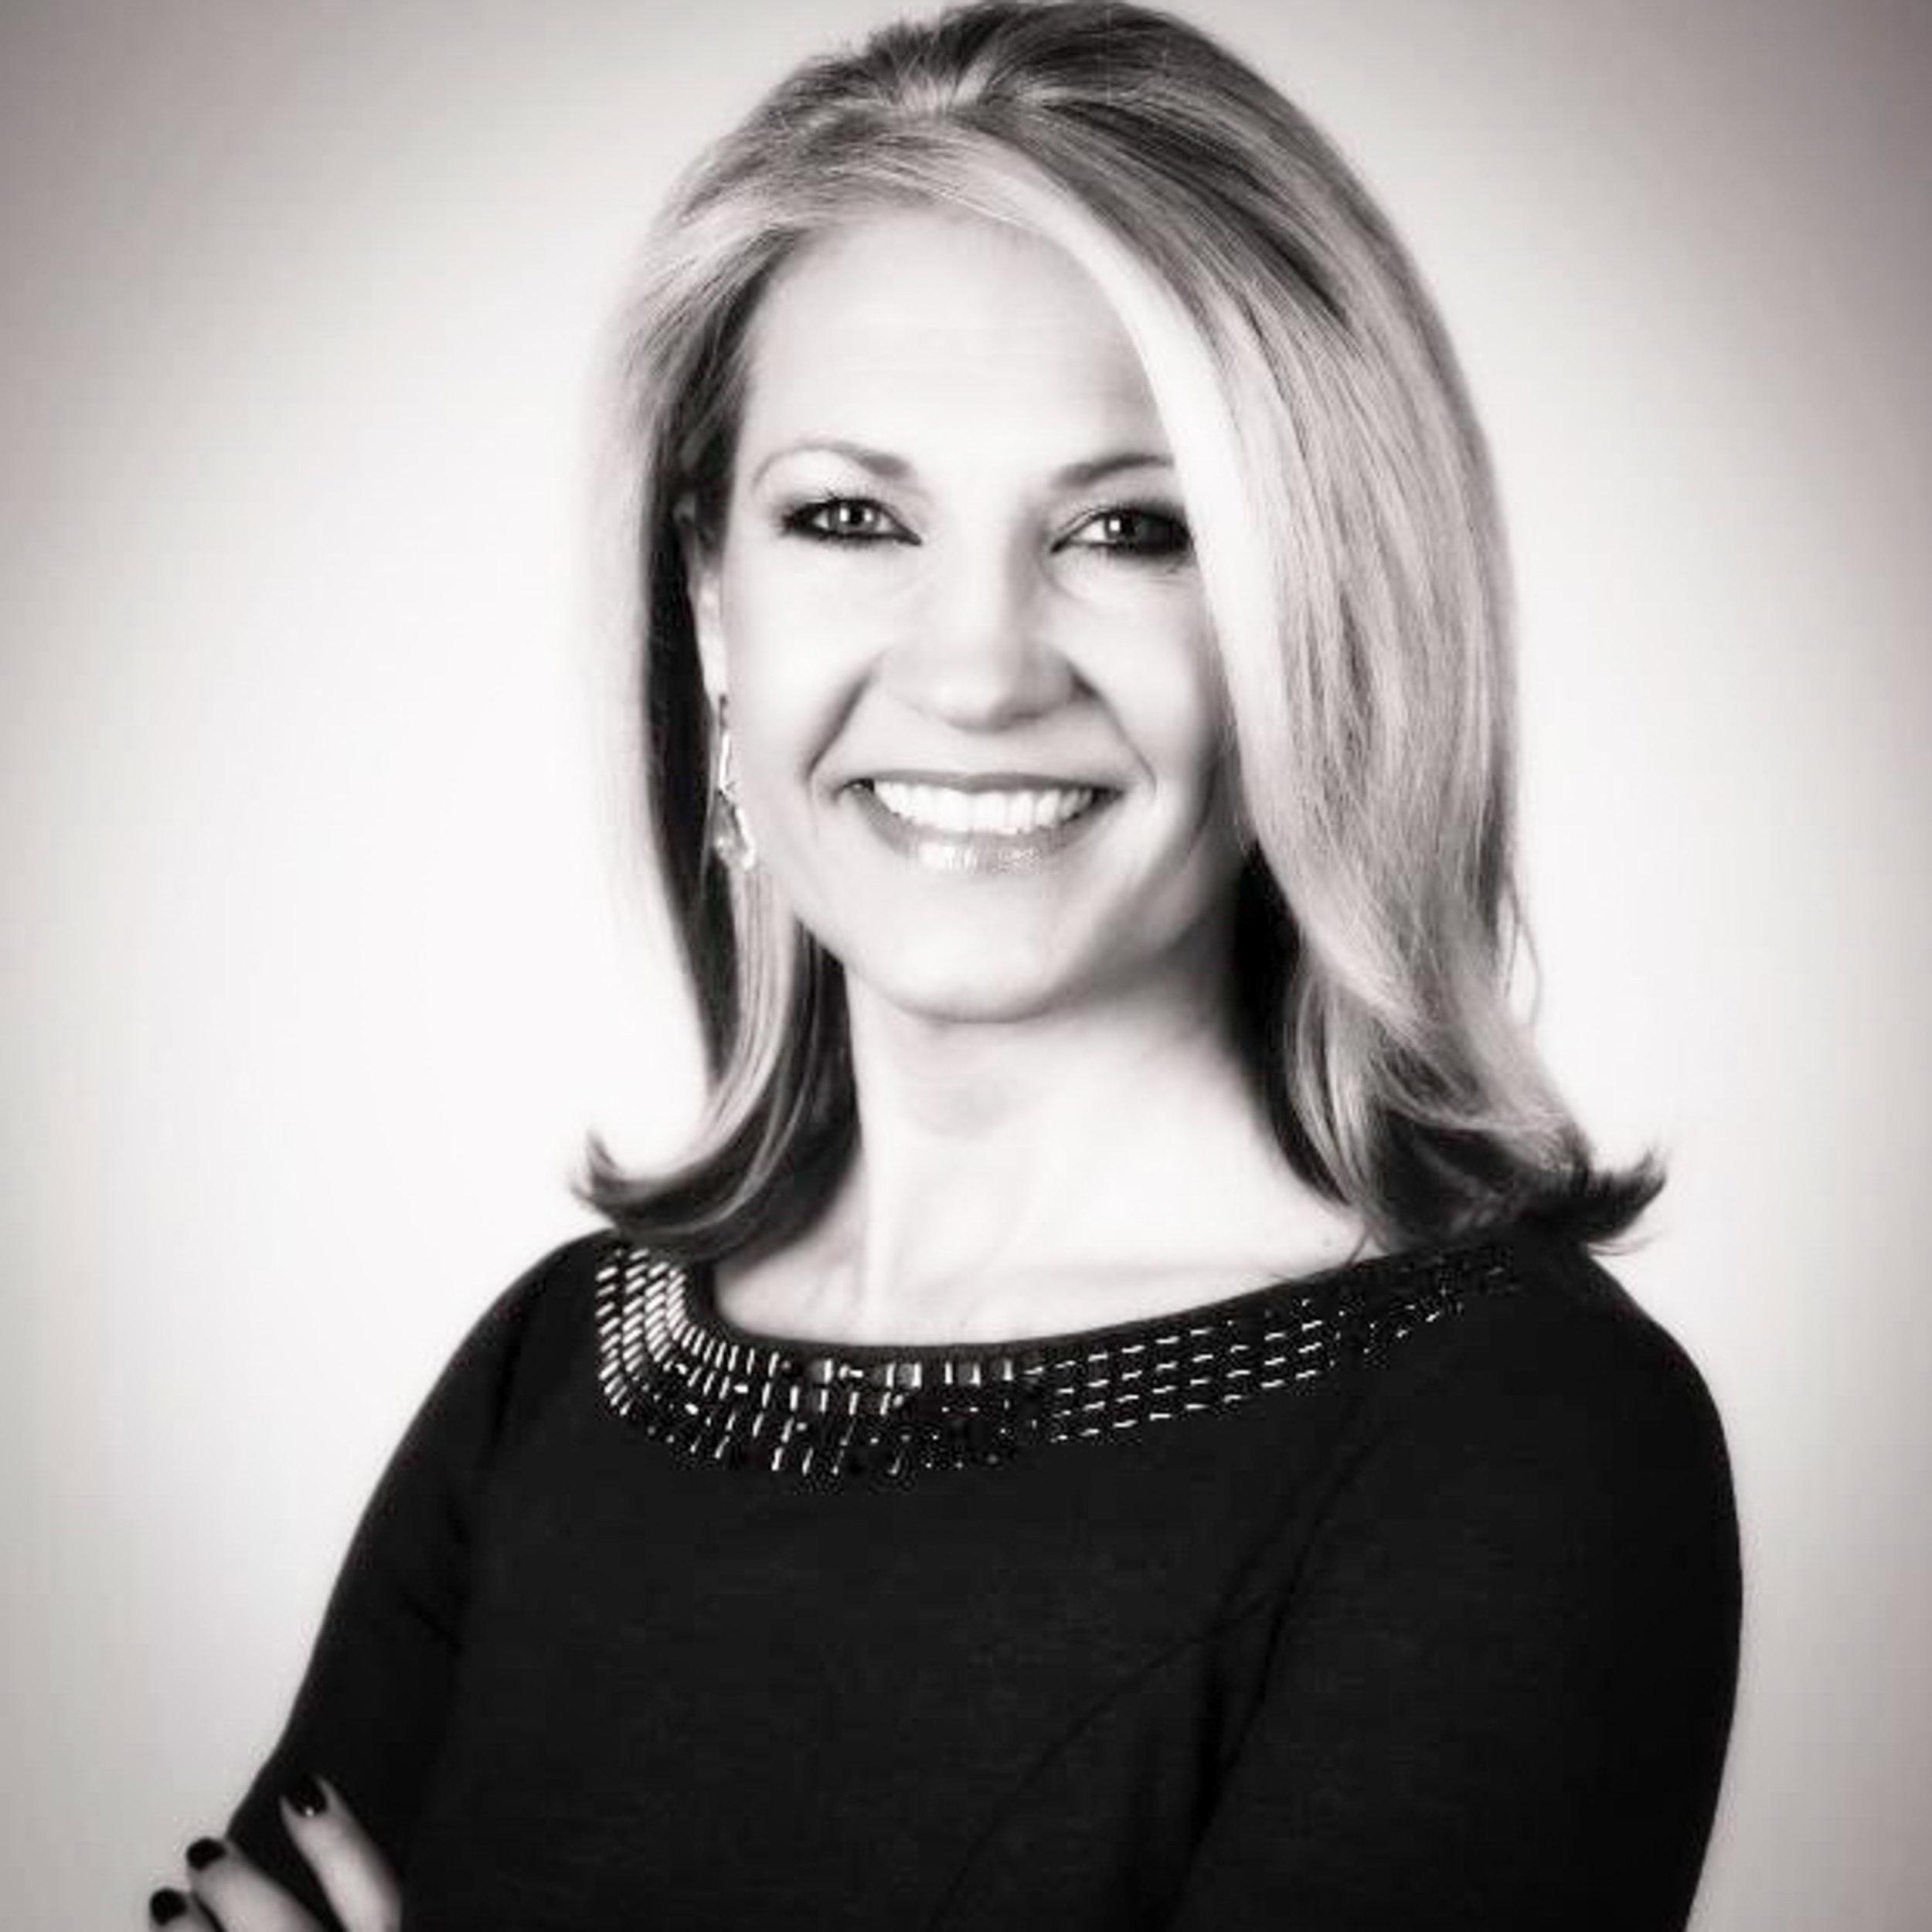 """Copy of <i>Jenni Flinders</i><br><a href=""""https://winningfotos.com"""" target=""""_blank""""><b>Winning Fotos</b></a>"""